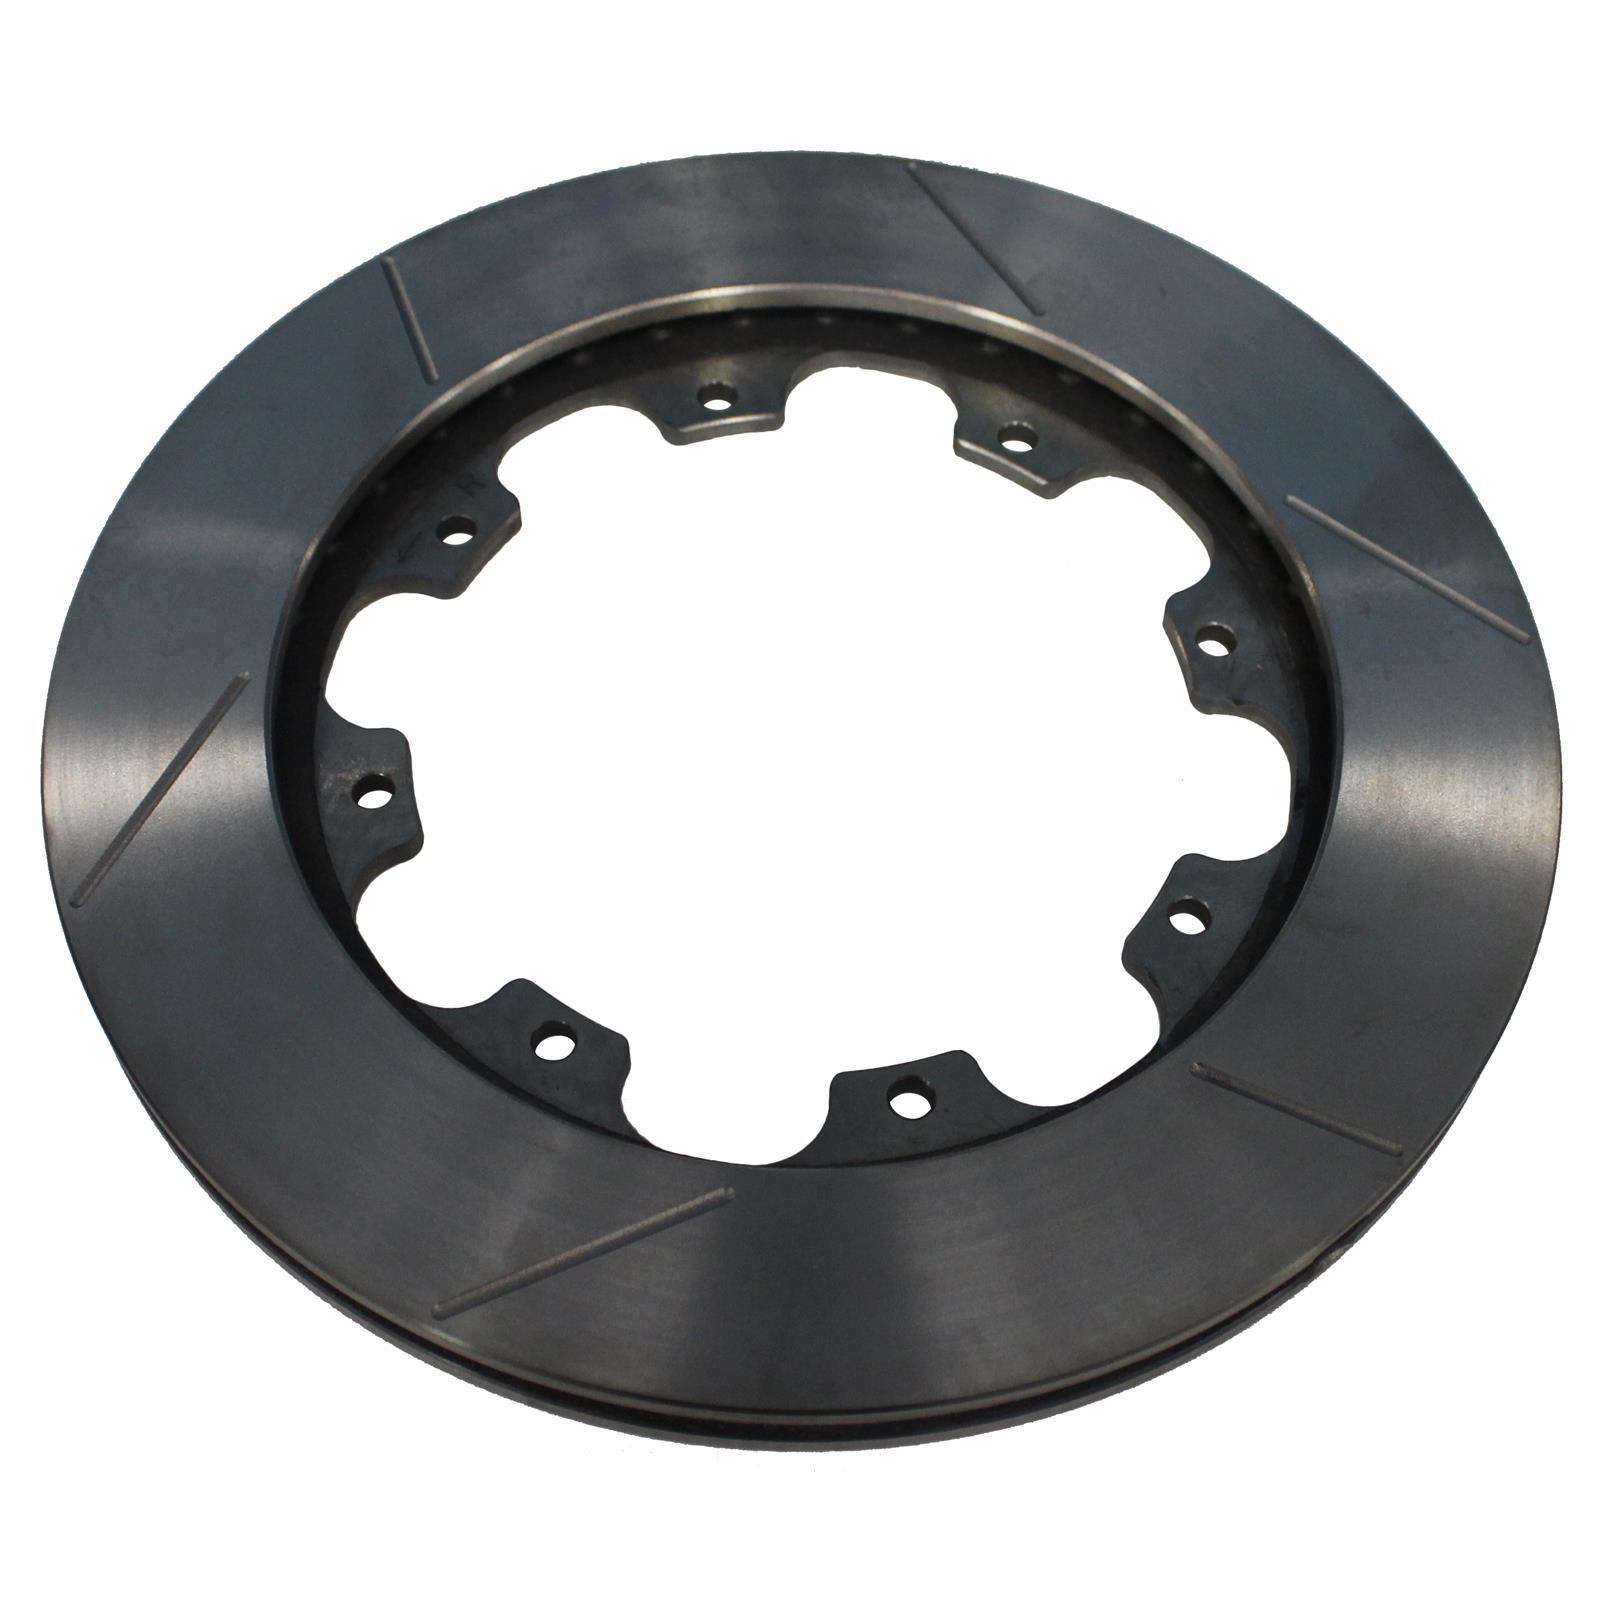 Wilwood 160-12285 Curved Brake Rotor